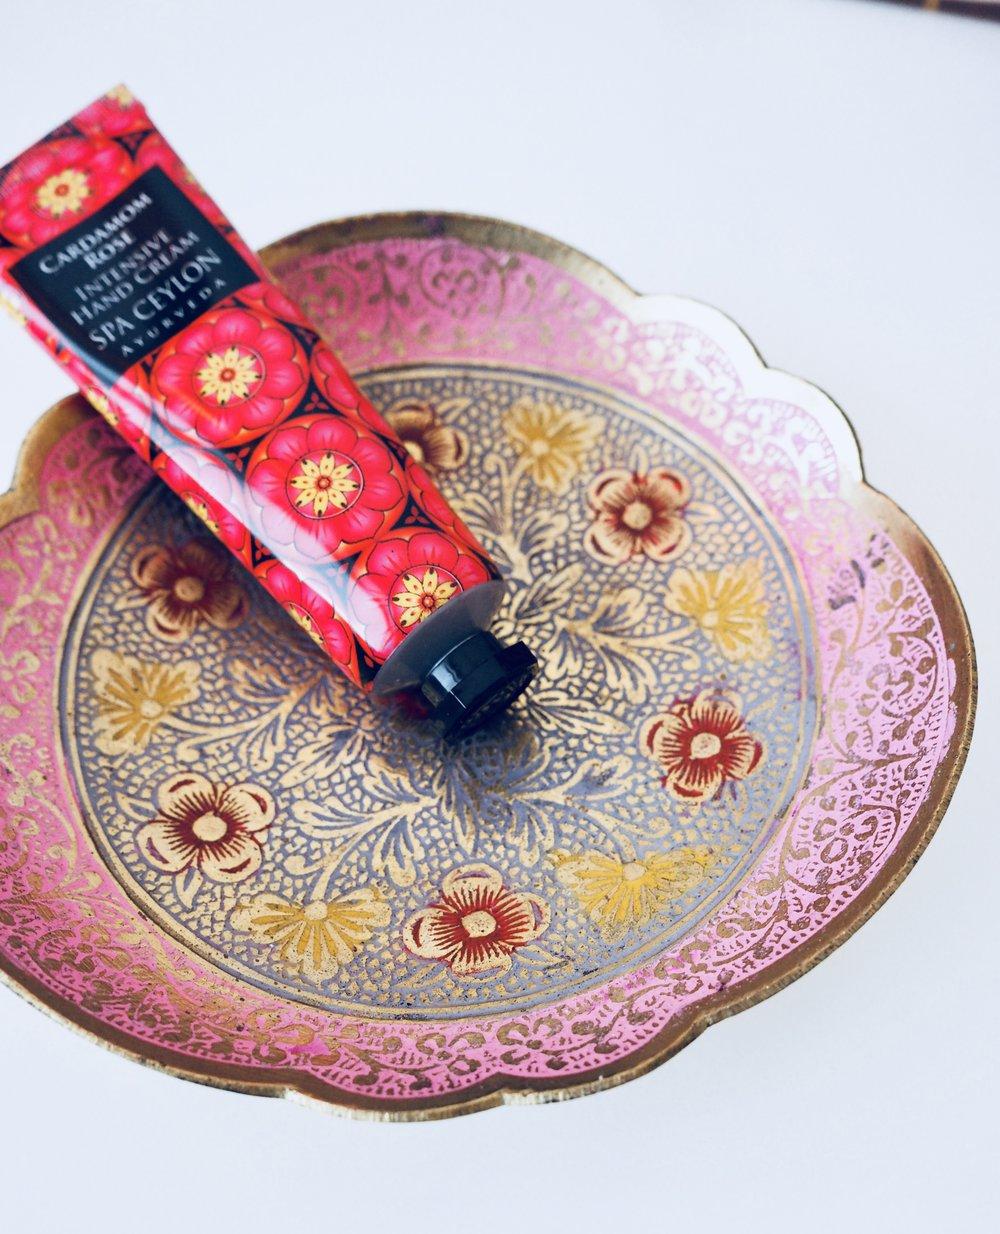 Kippoja ja kuppeja tarttuu aina jokunen mukaan. Tällä kertaa pieni lautanen, jossa on lempivärejäni vaaleanpunaista ja kultaa...